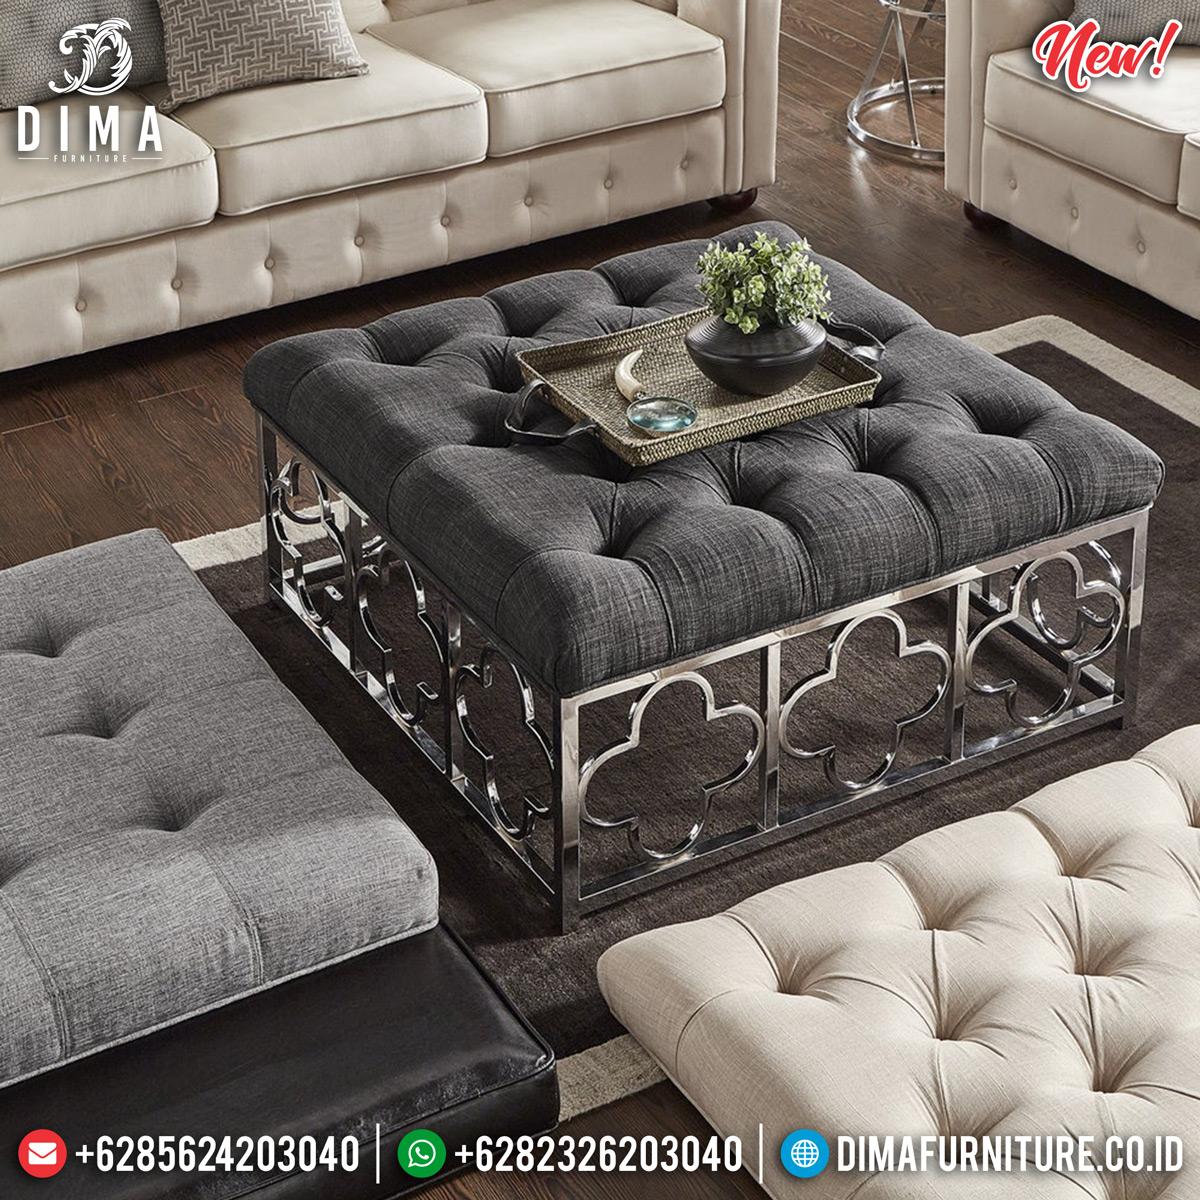 Jual Meja Tamu Minimalis Jepara Luxury Design Interior Inspiring TTJ-0832 Model 1